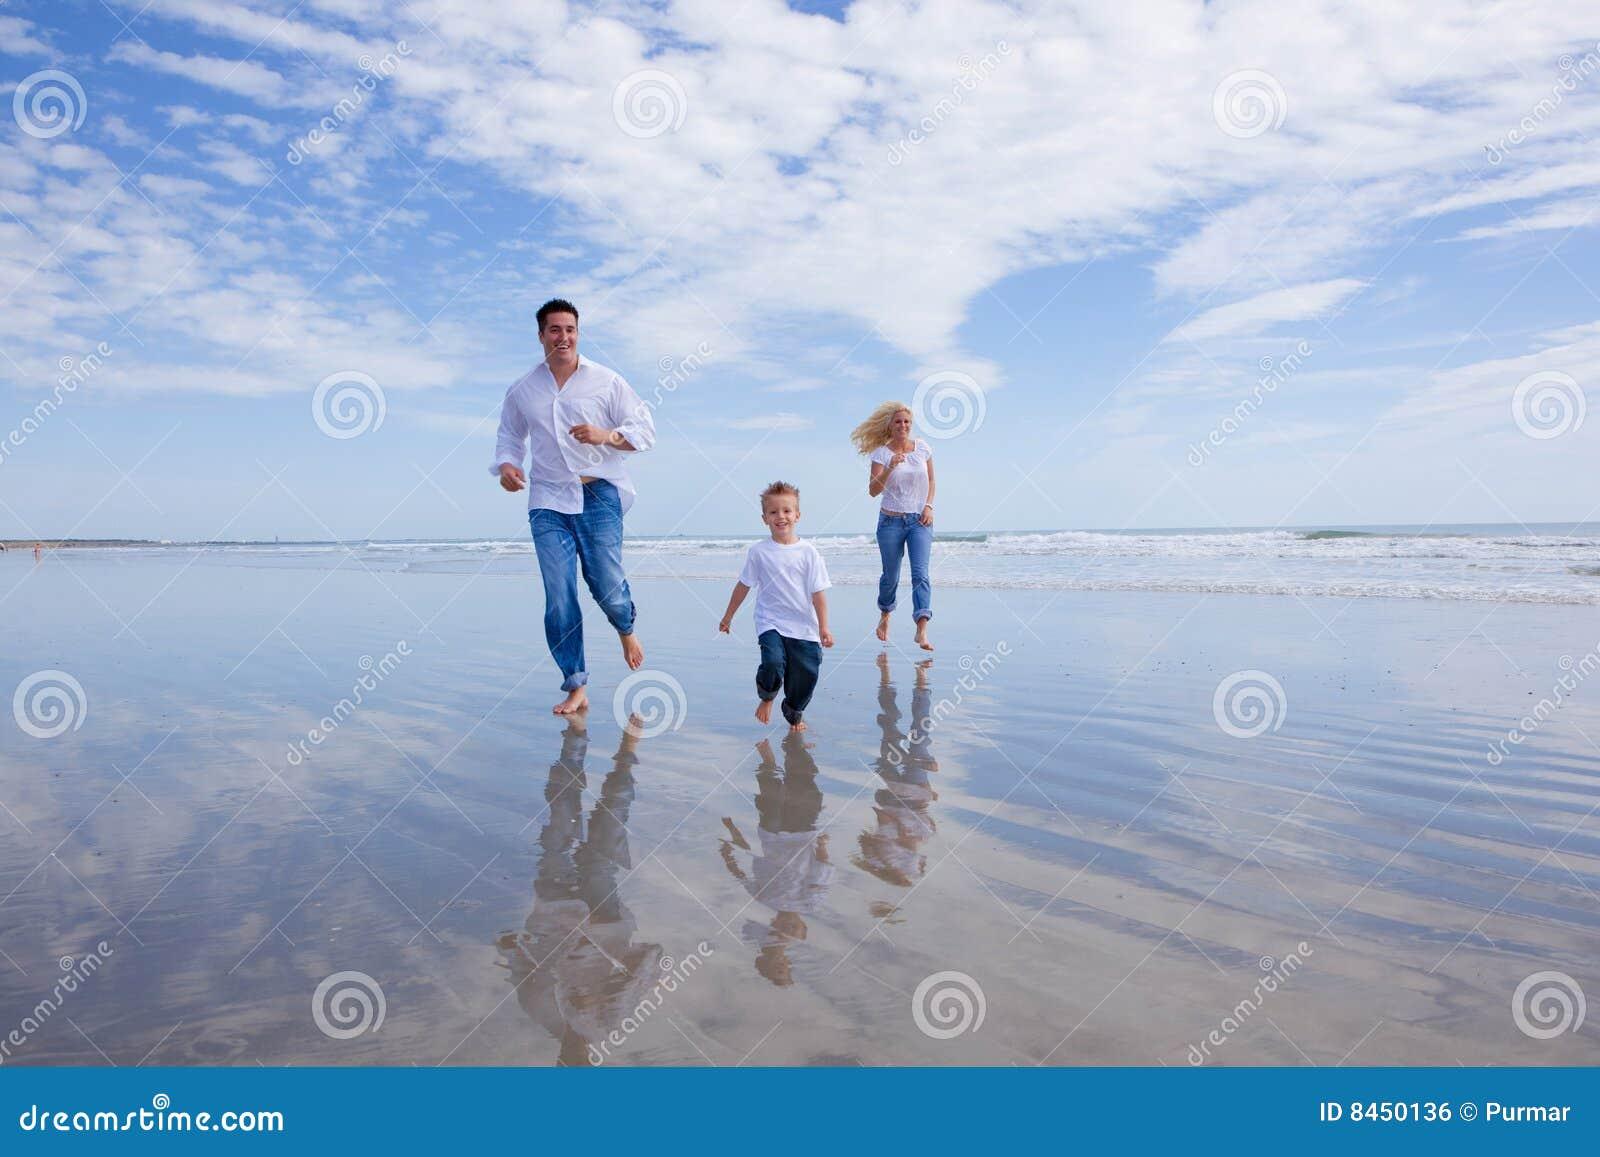 Köra på en strand